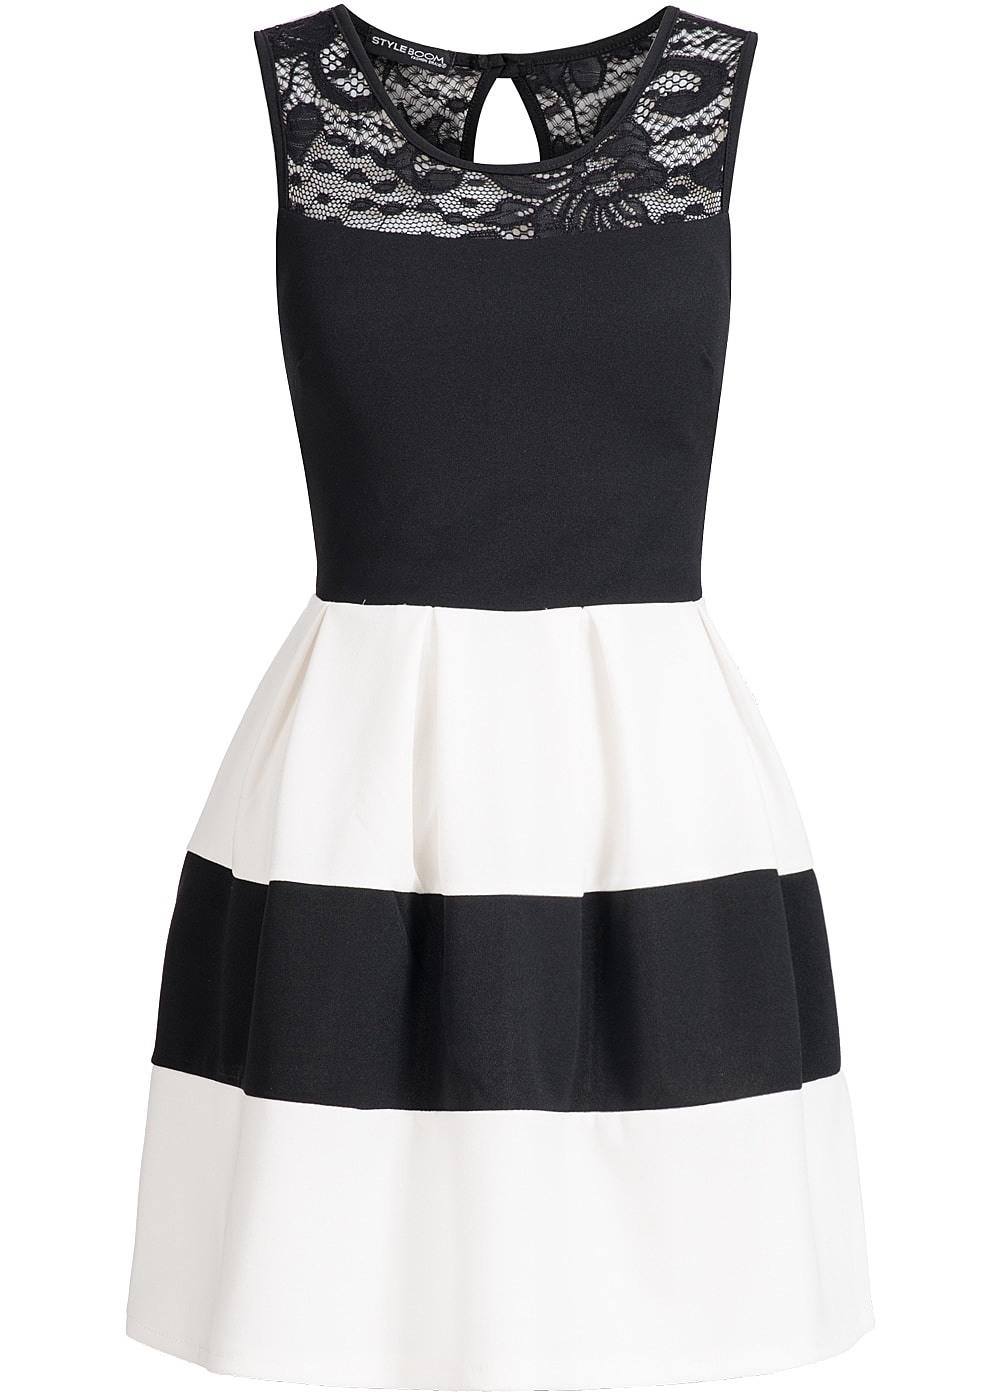 15 Spektakulär Kleider In Schwarz Weiß ÄrmelAbend Leicht Kleider In Schwarz Weiß Bester Preis